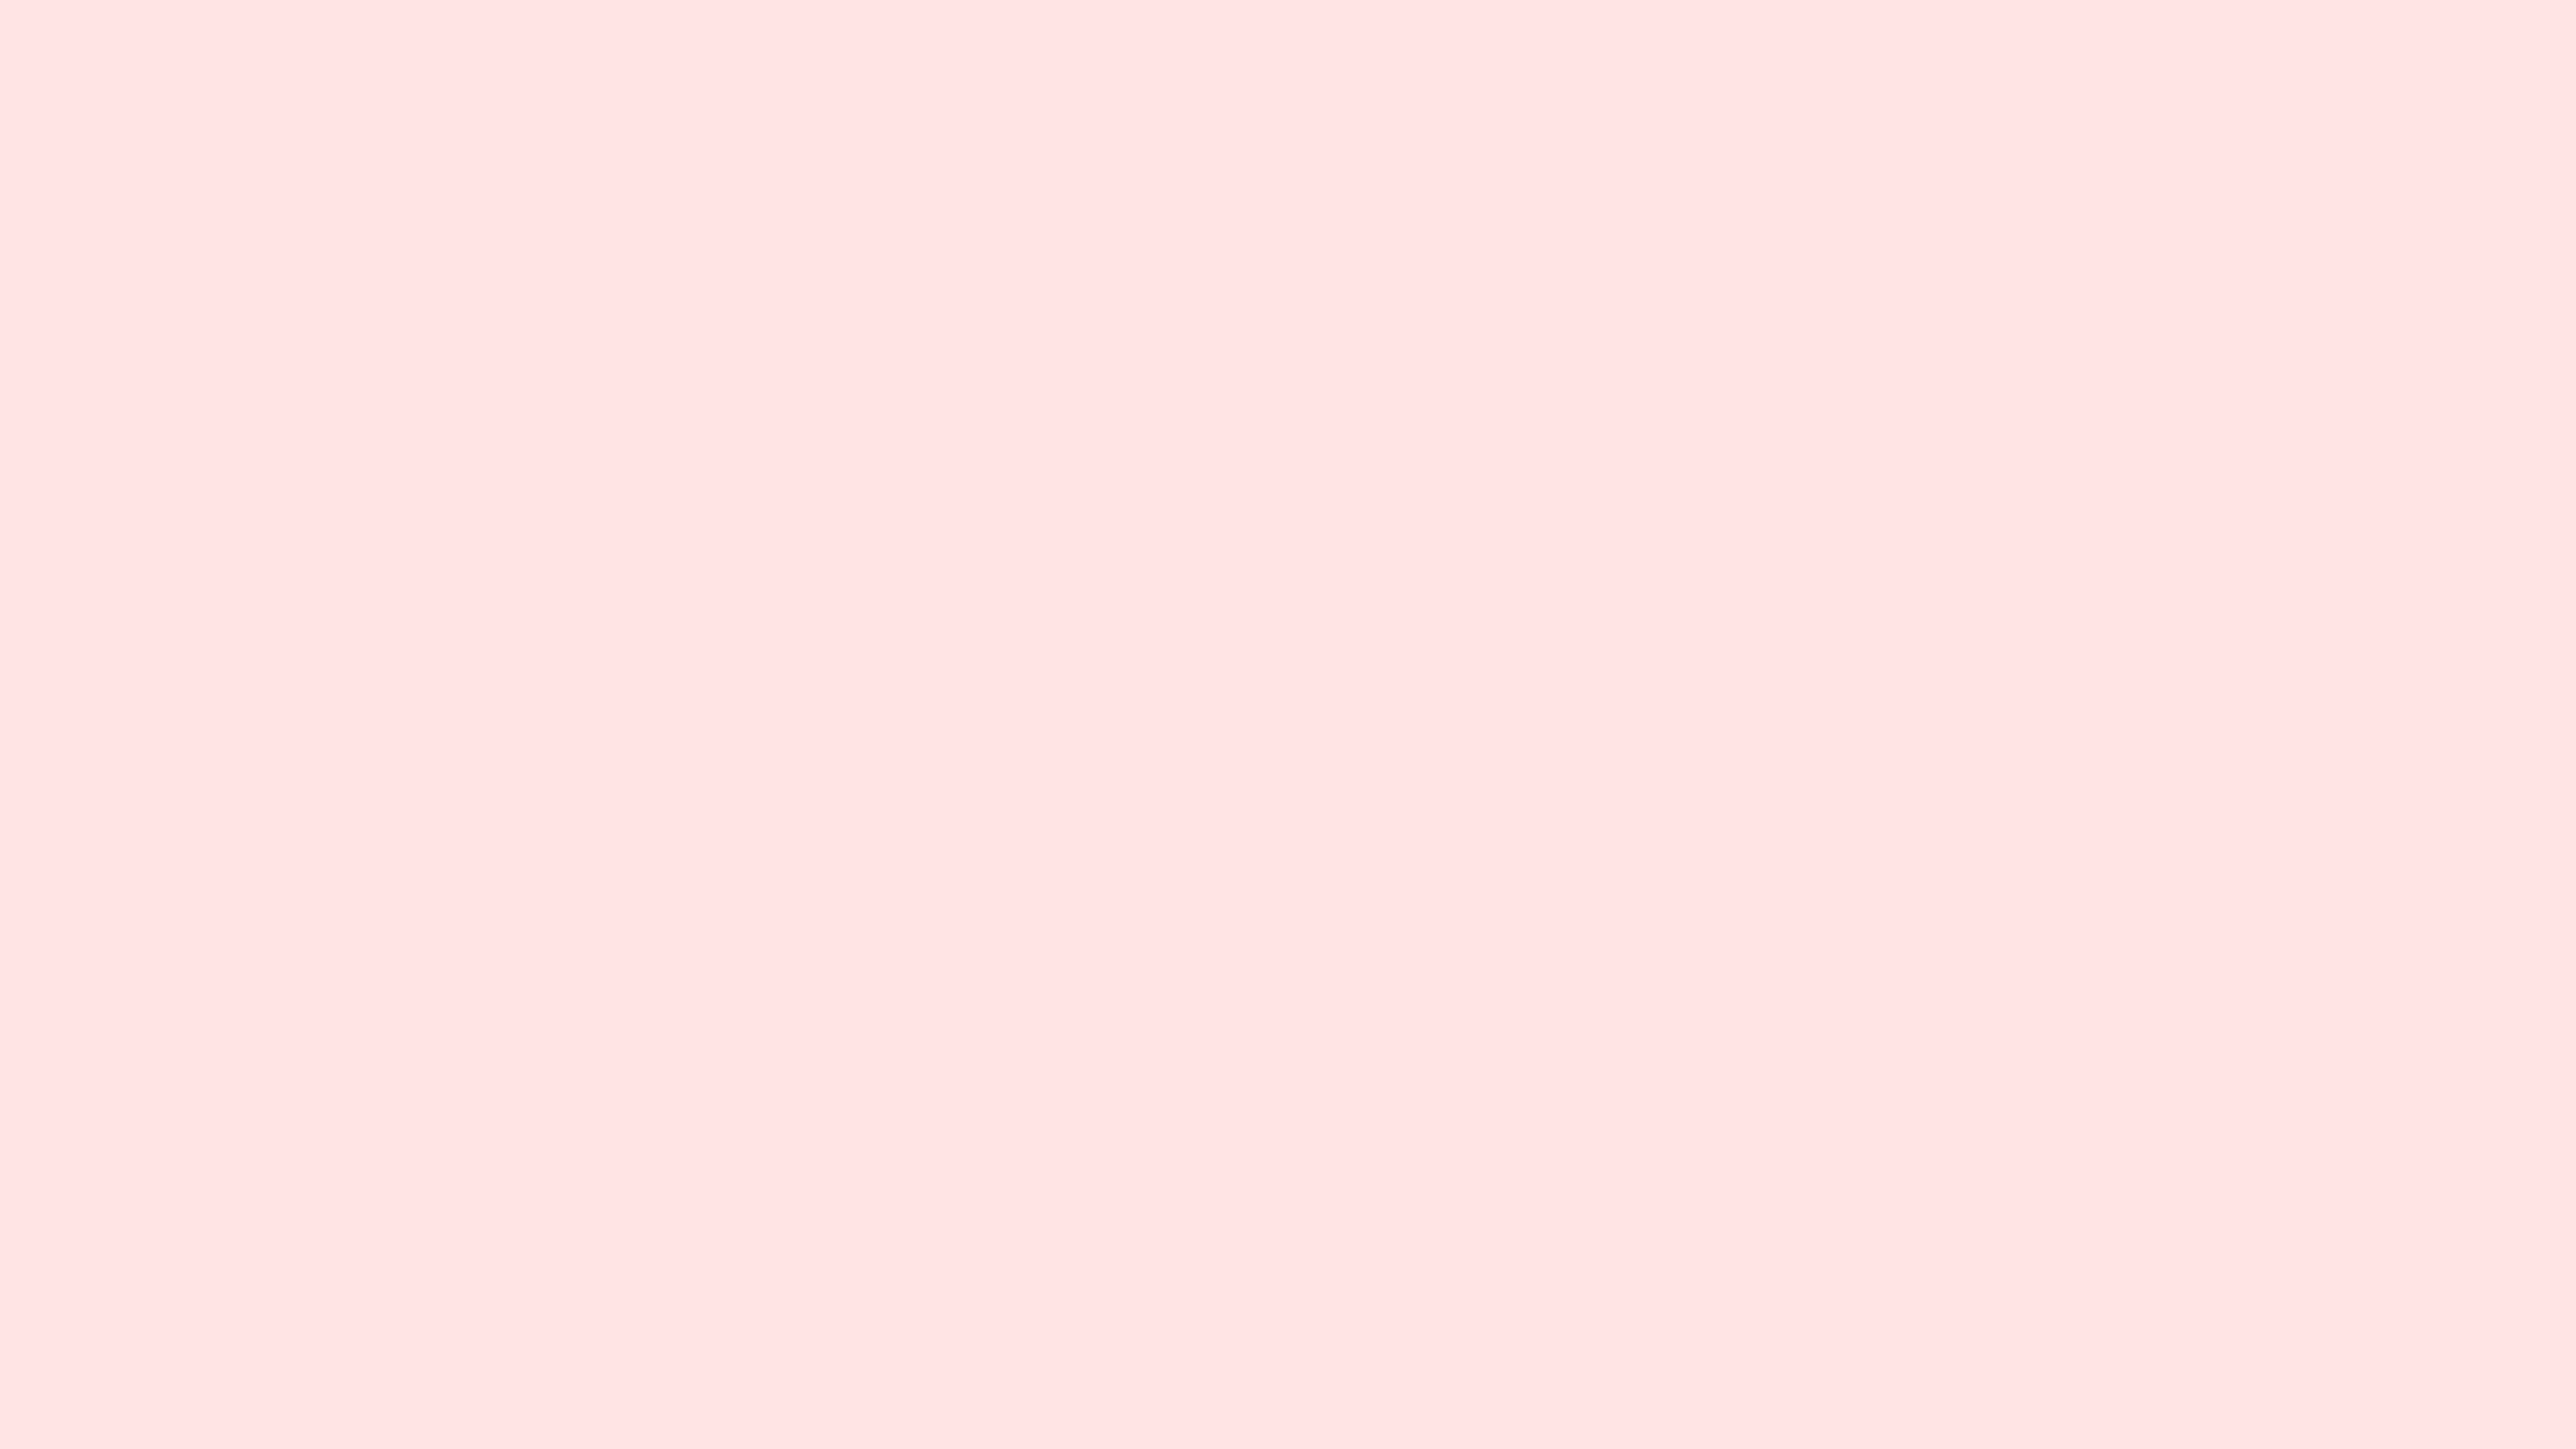 5120x2880 Misty Rose Solid Color Background